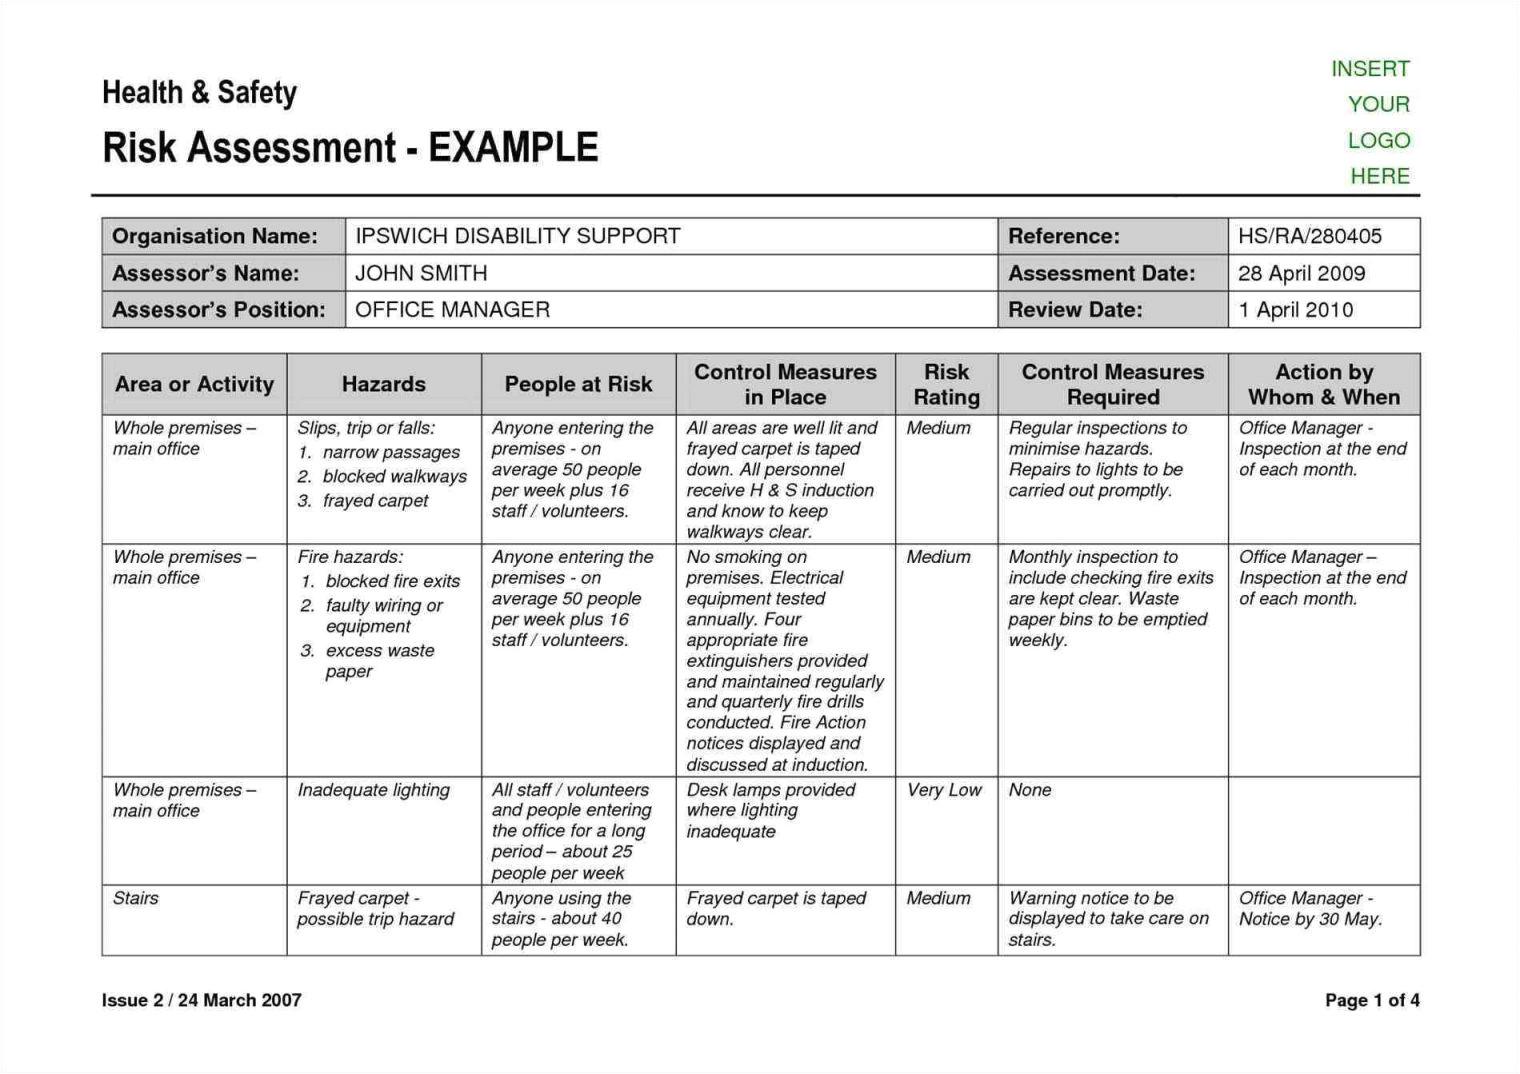 iso 27001 risk assessment template4